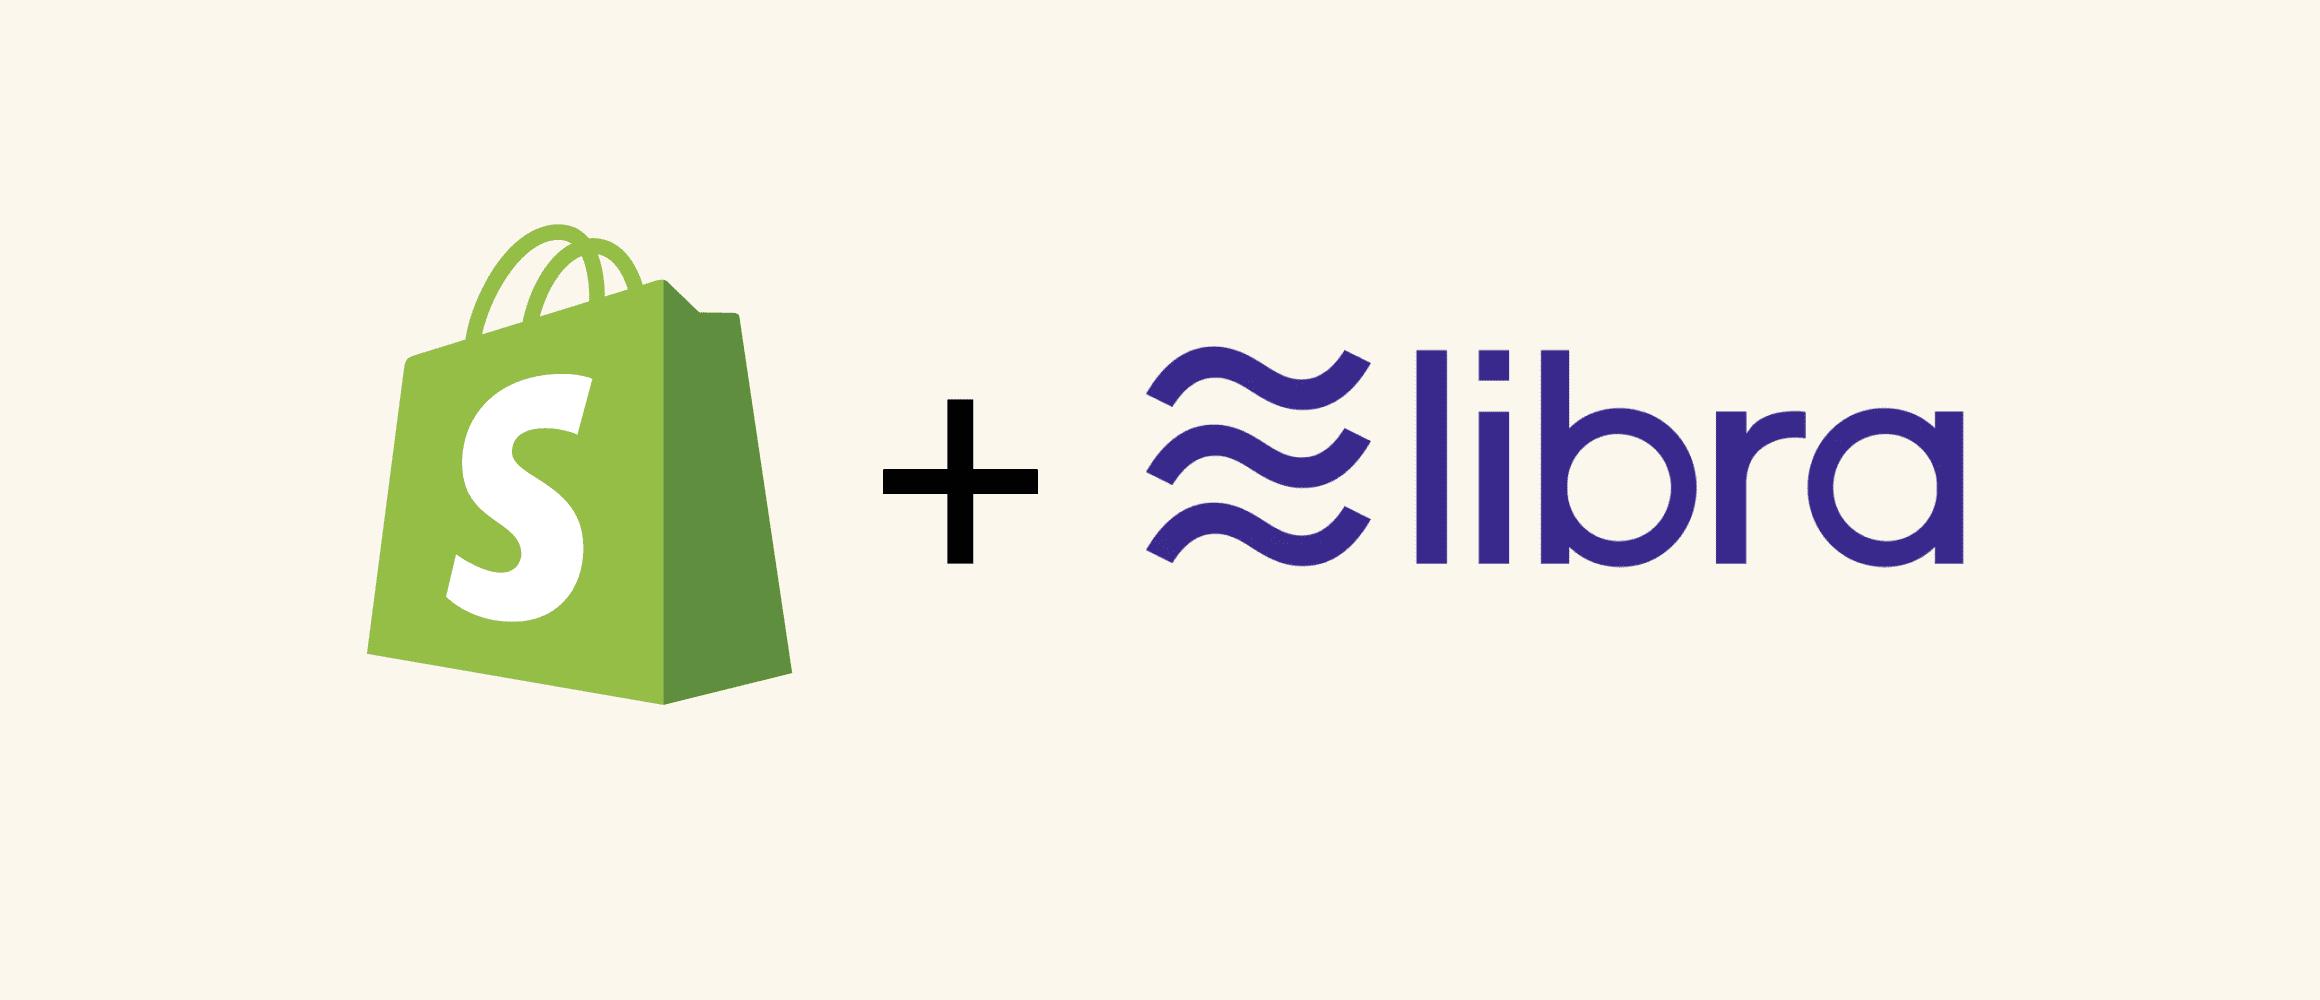 Shopify Artık Libra Birliği Üyesi